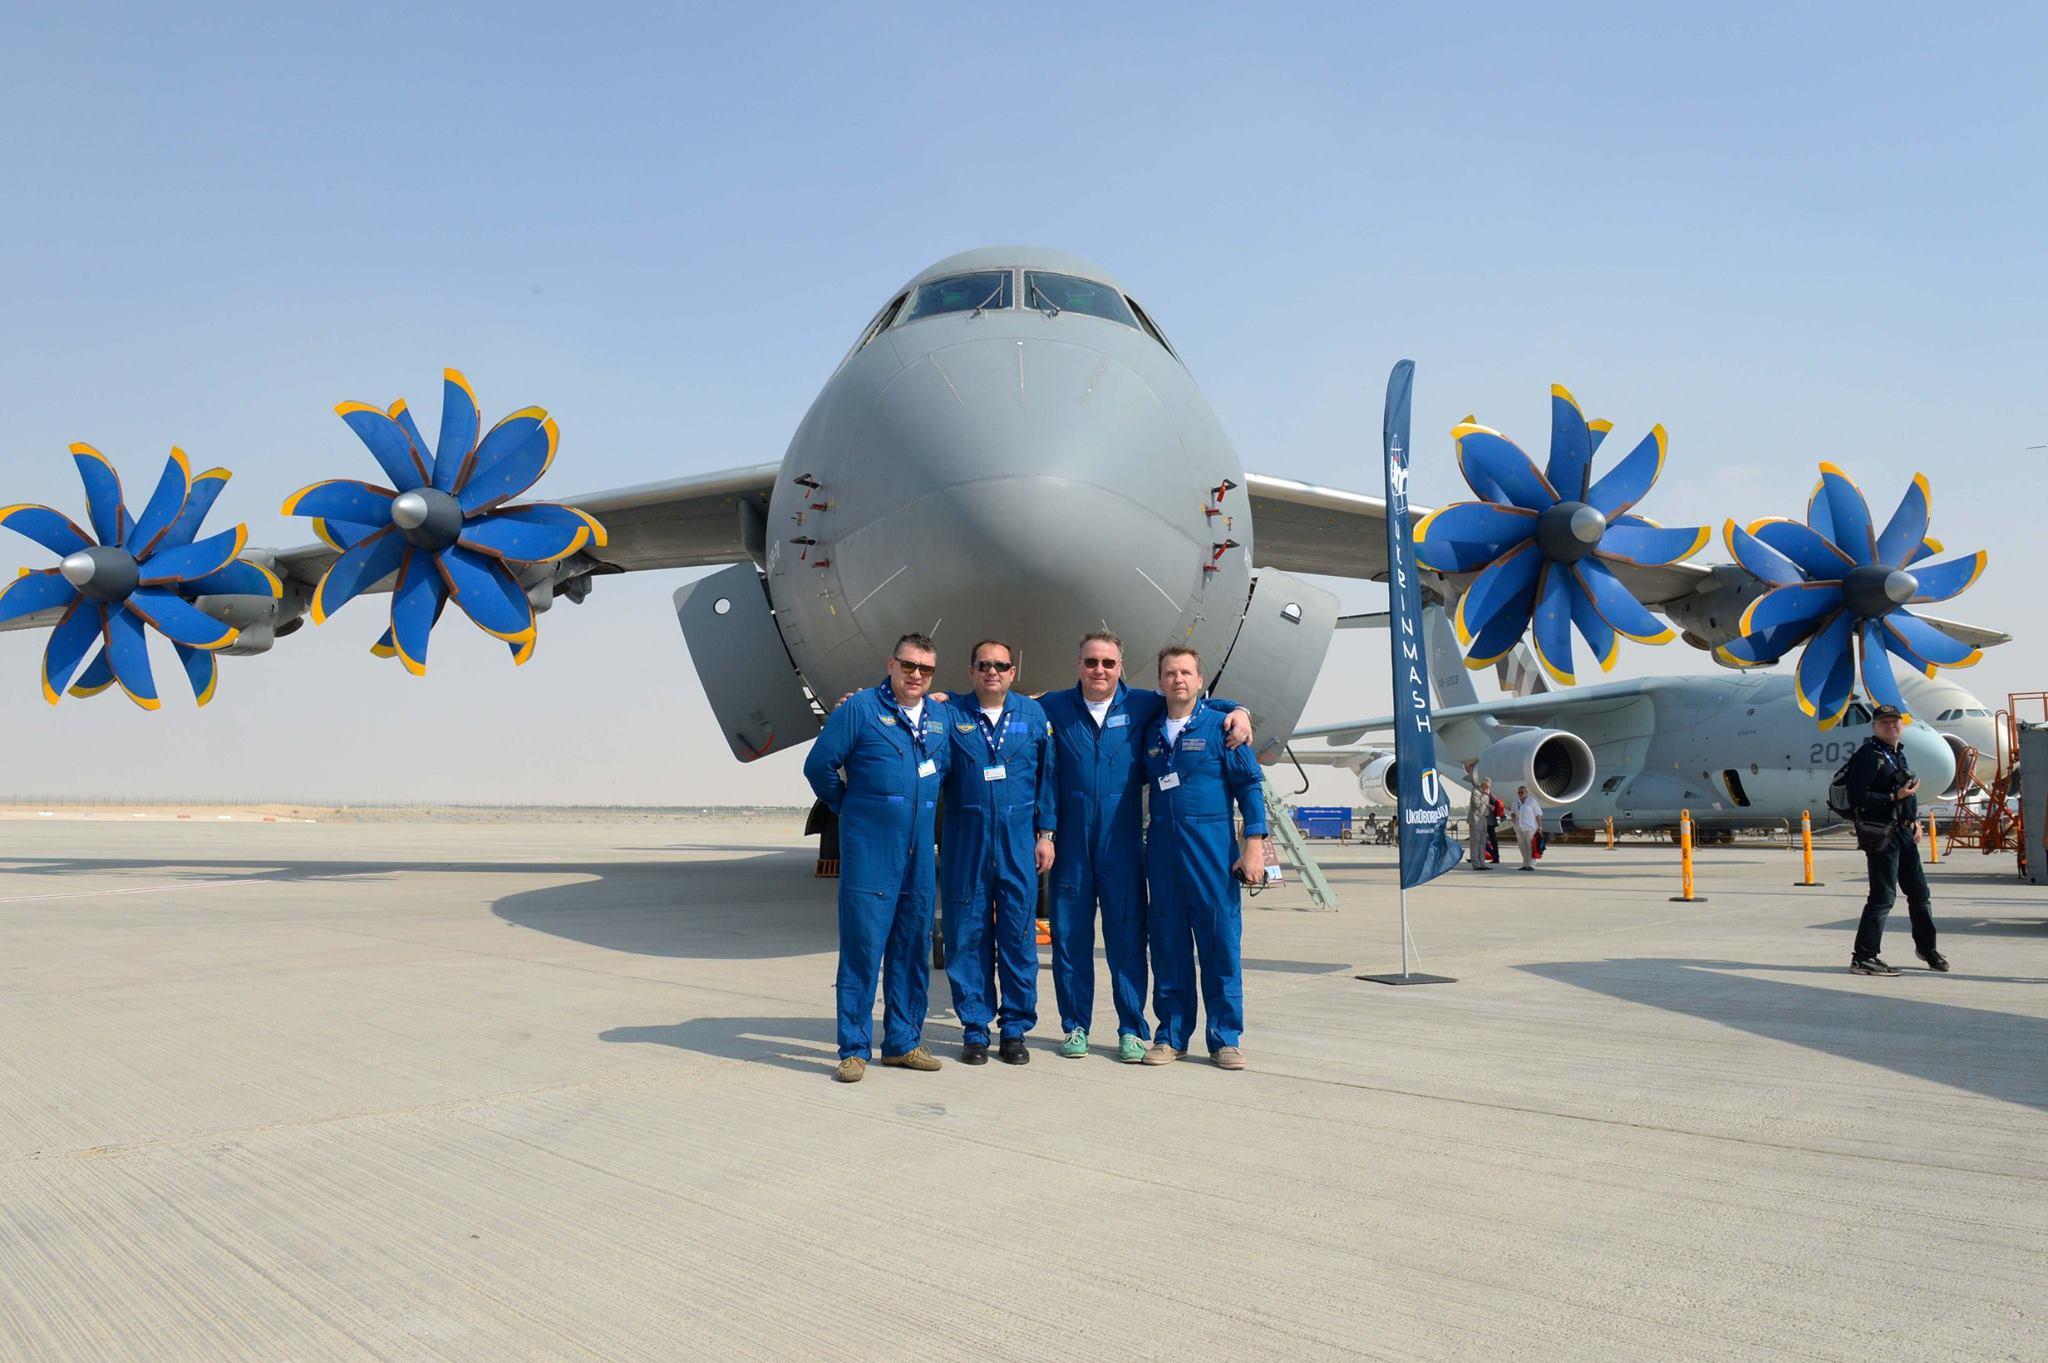 Украина представила два самолета на салоне в Дубае: фото, видео